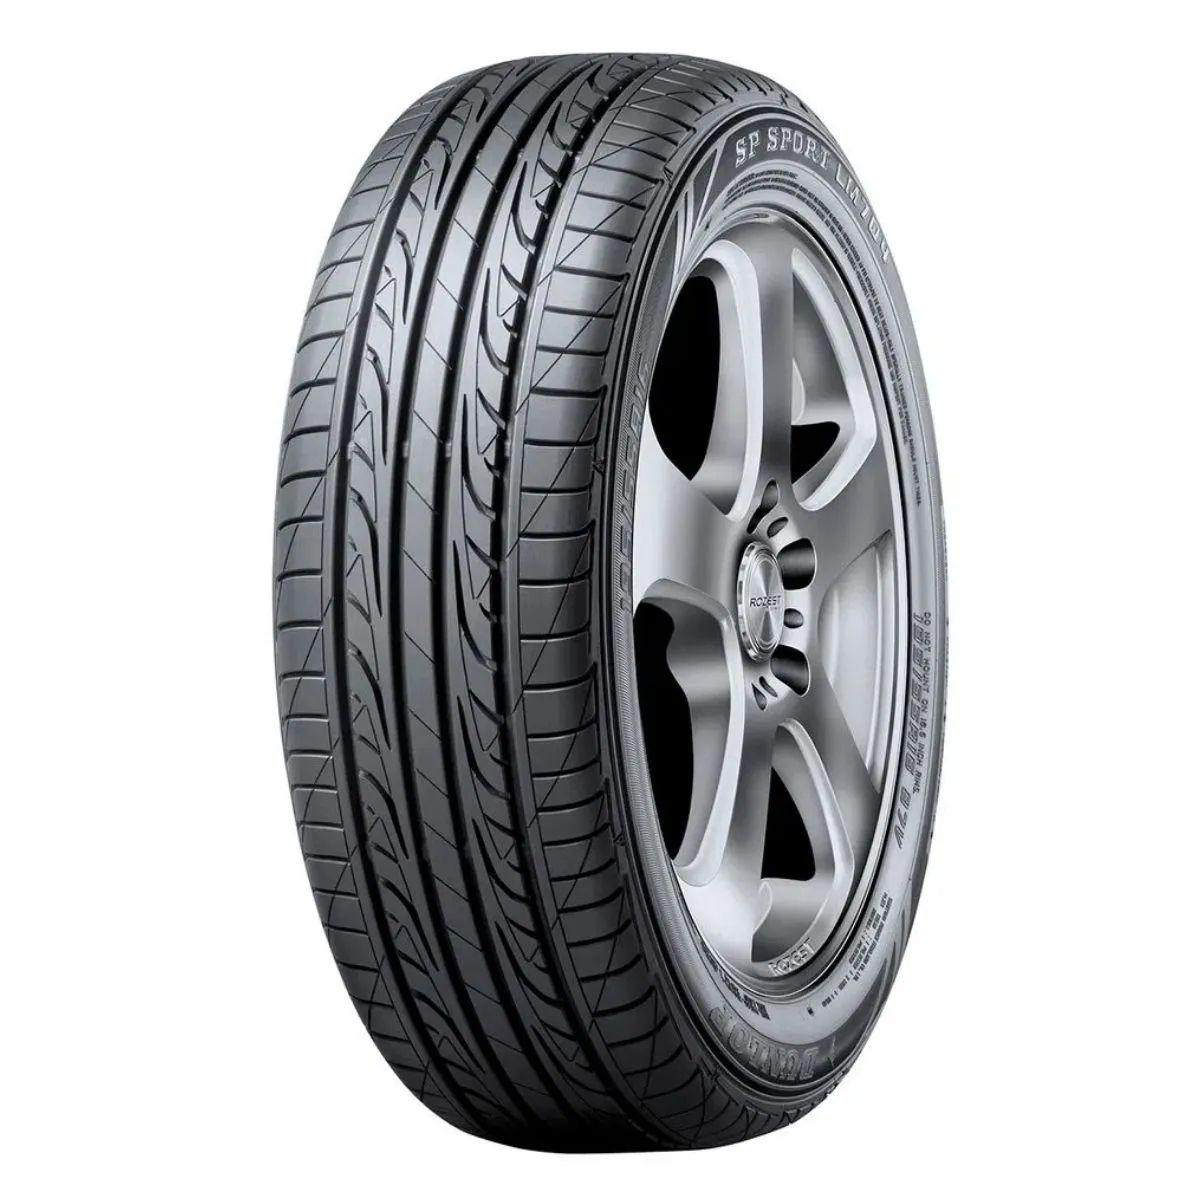 Pneu Dunlop SP Sport LM704 Aro 16 205/55R15 91V